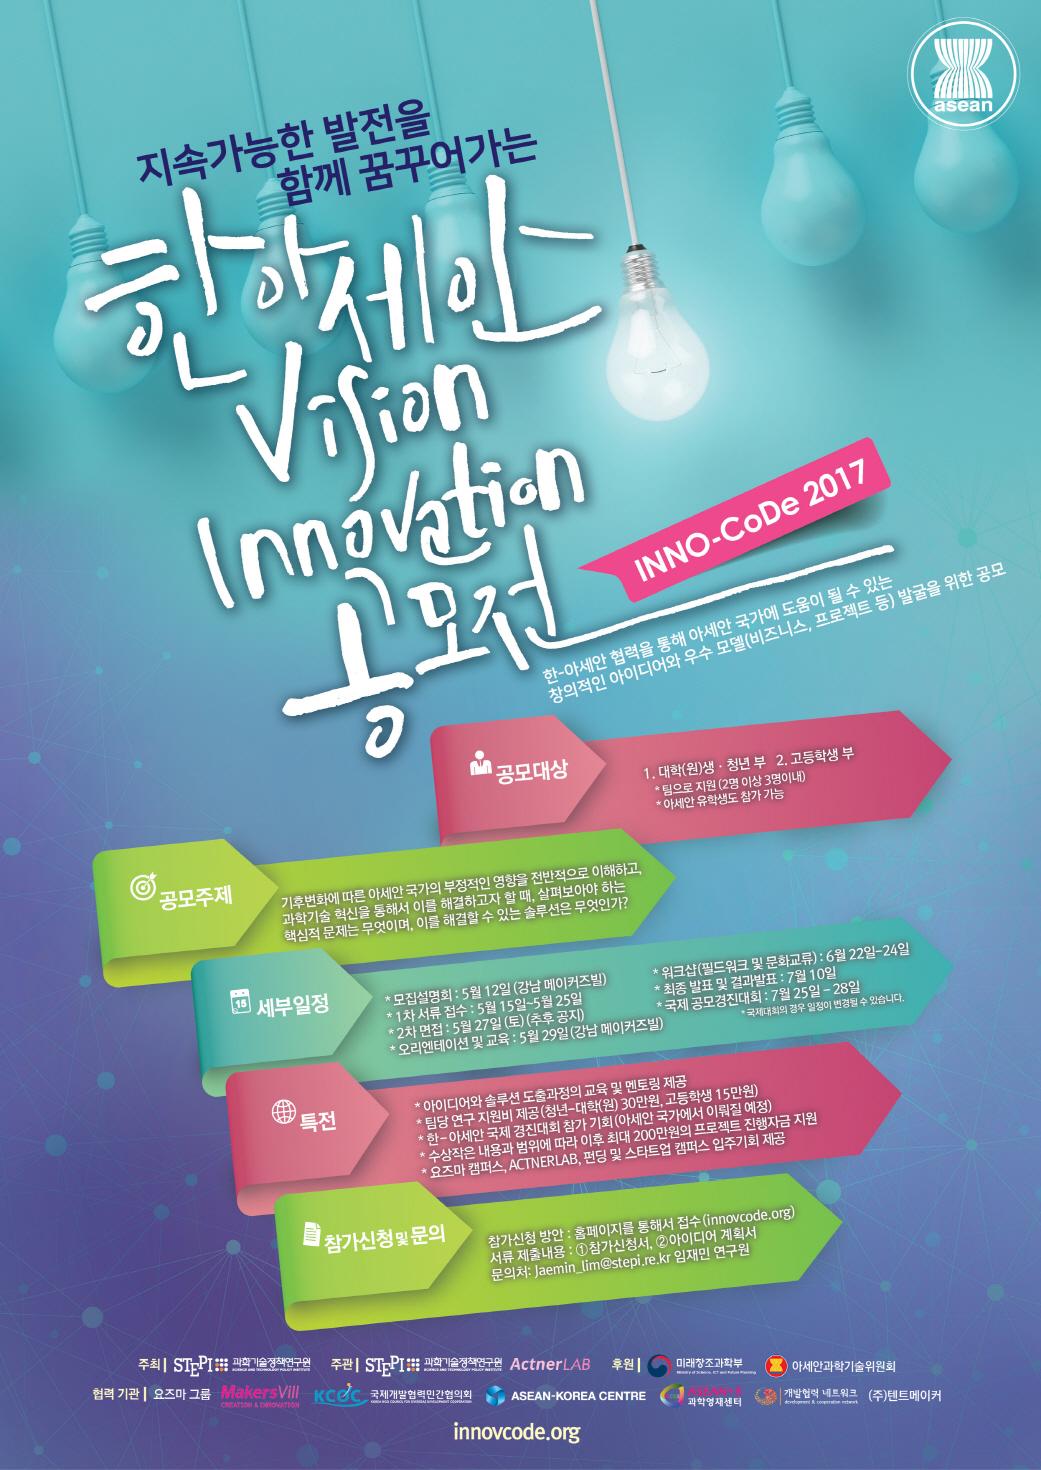 크기변환_한-아세안 Vision Innovation.jpg